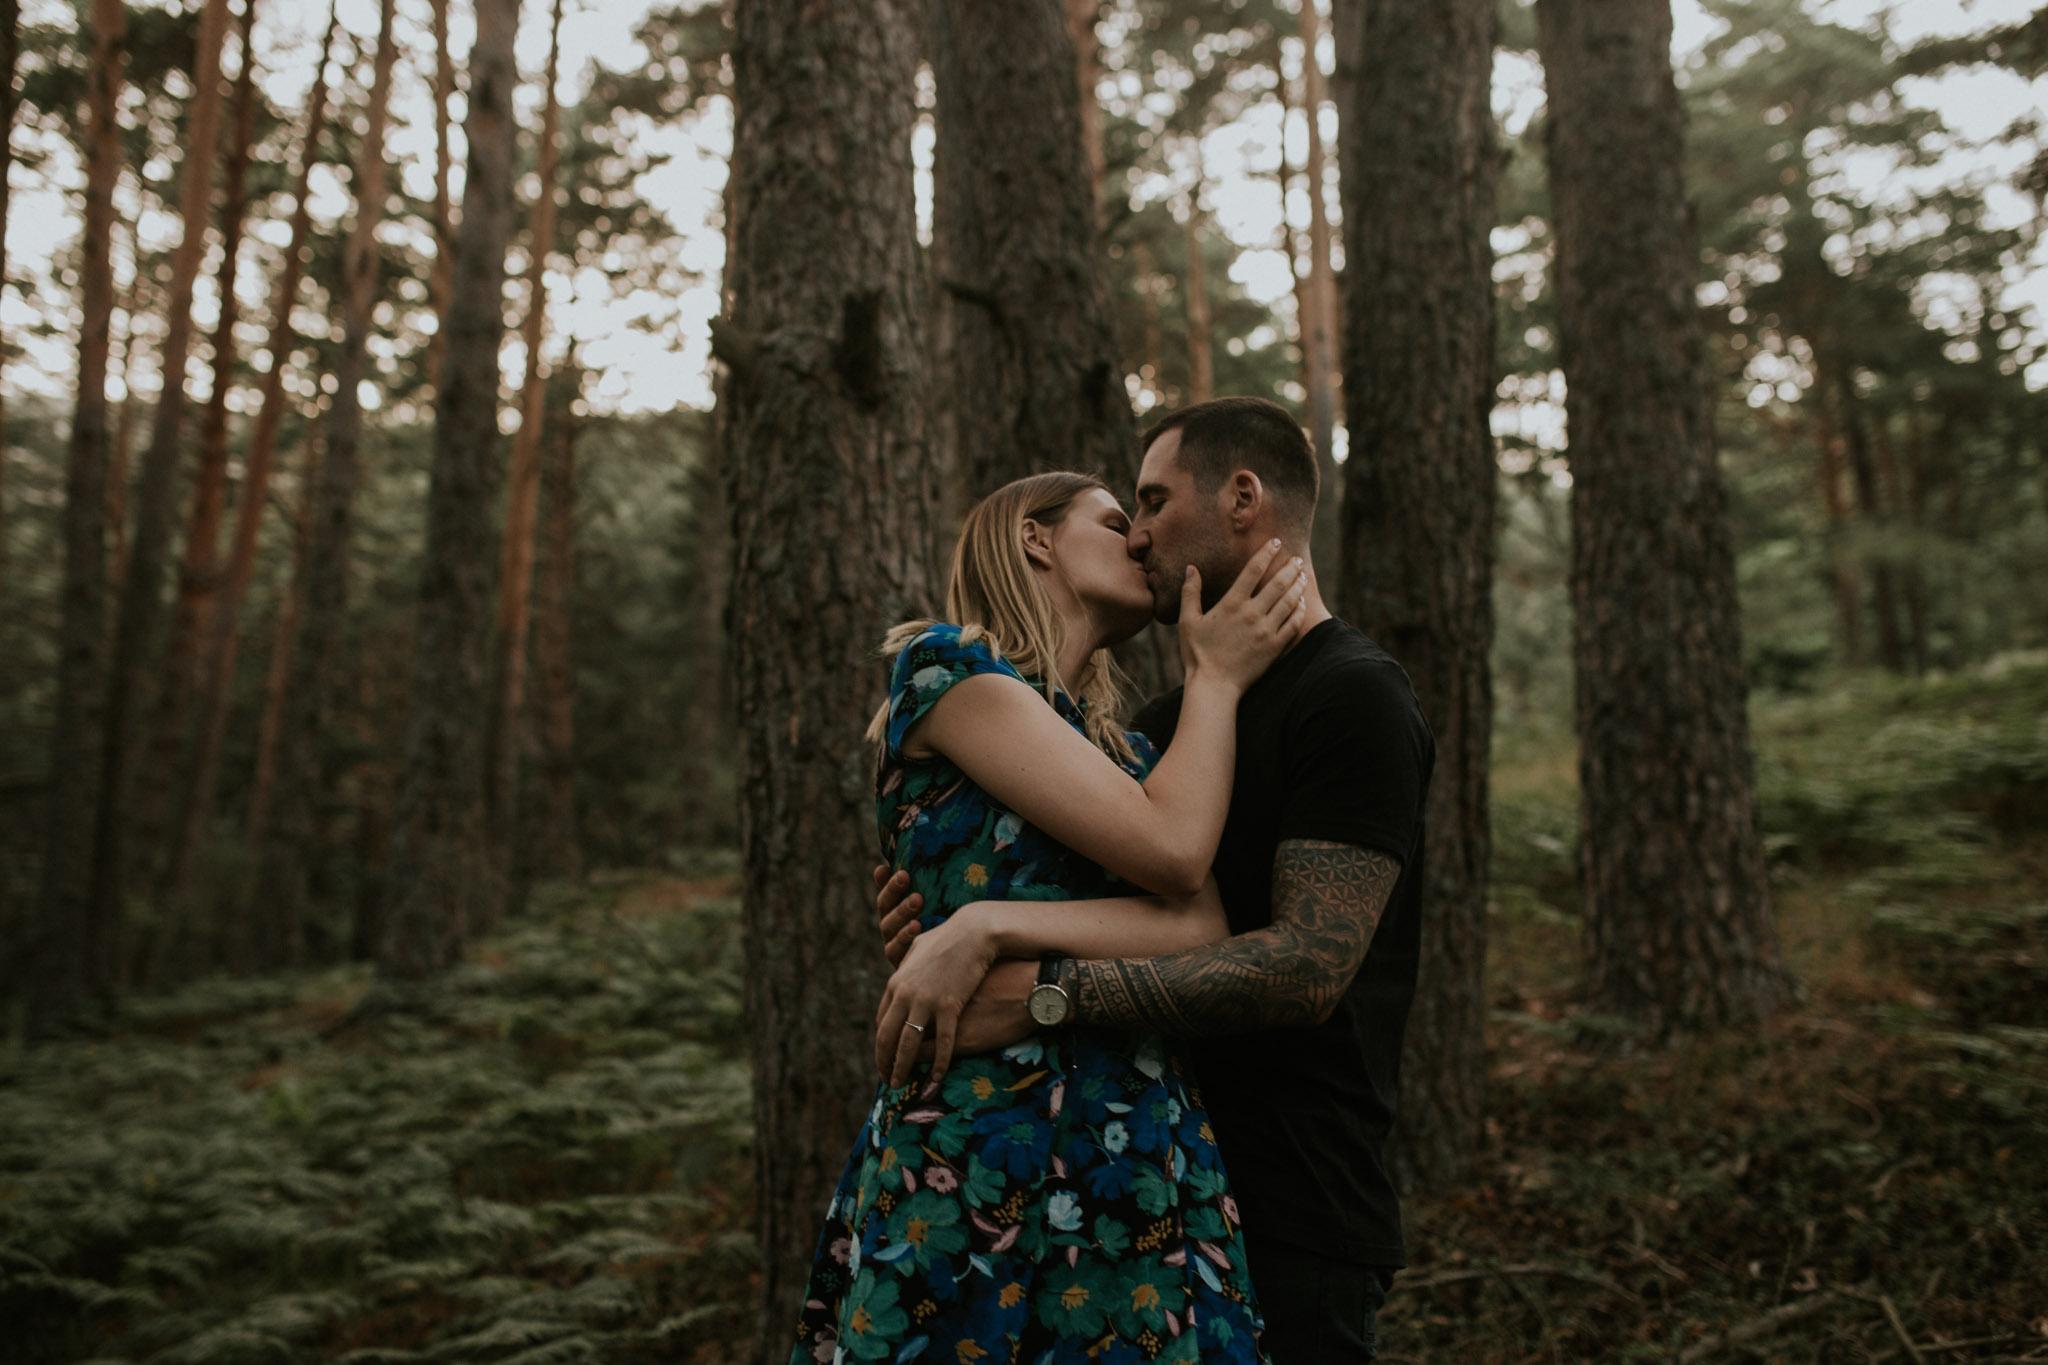 Fotografia pareja bosque 45 Concorazon